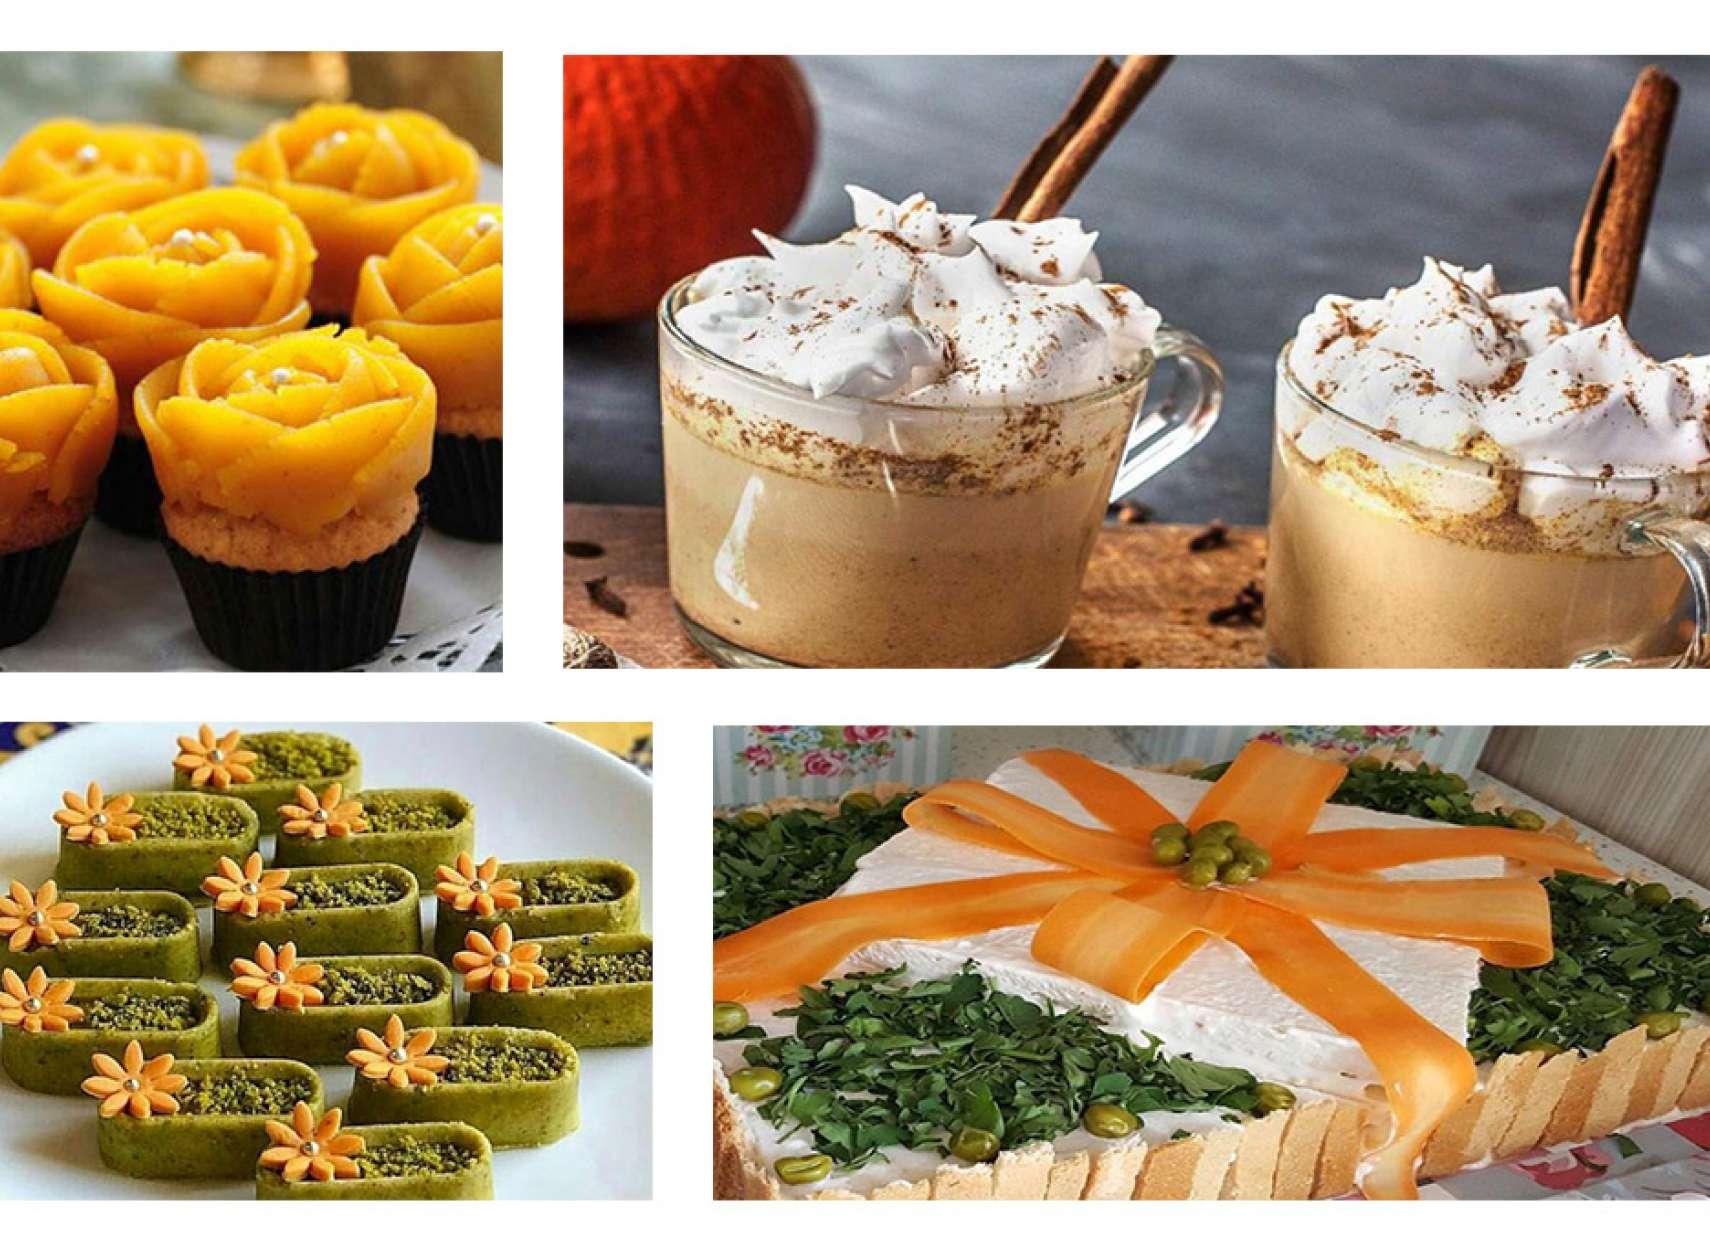 آشپزی-ترابی-لته-کدوحلوایی-حلوا-بوتیکی-کیک-یزدی-با-ترحلوا-کیک-مرغ